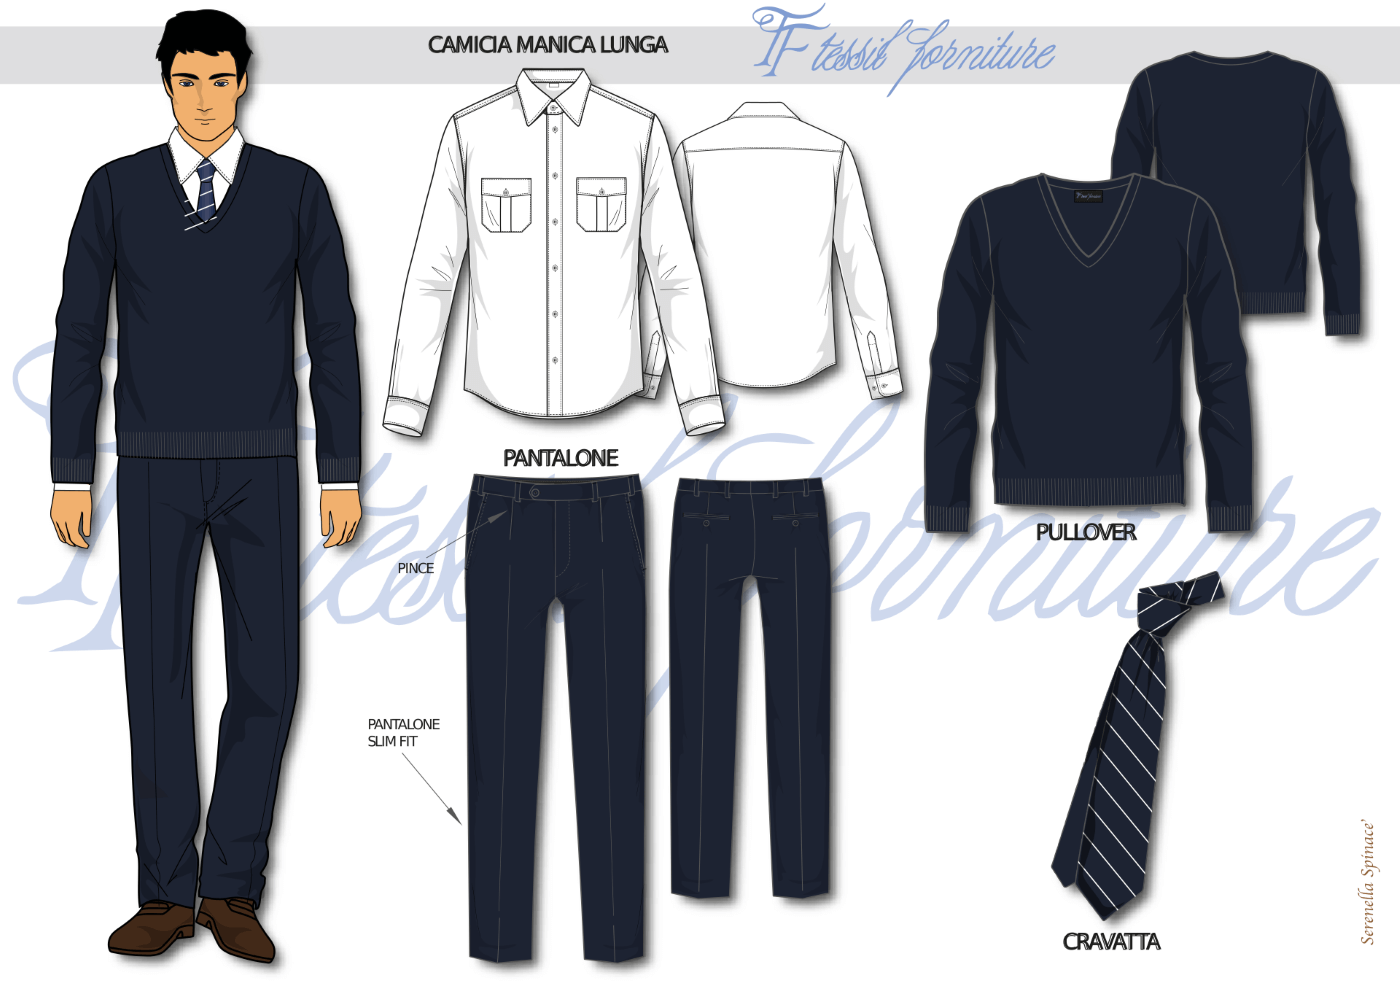 Bozzetto camicia uomo - Tessil Forniture